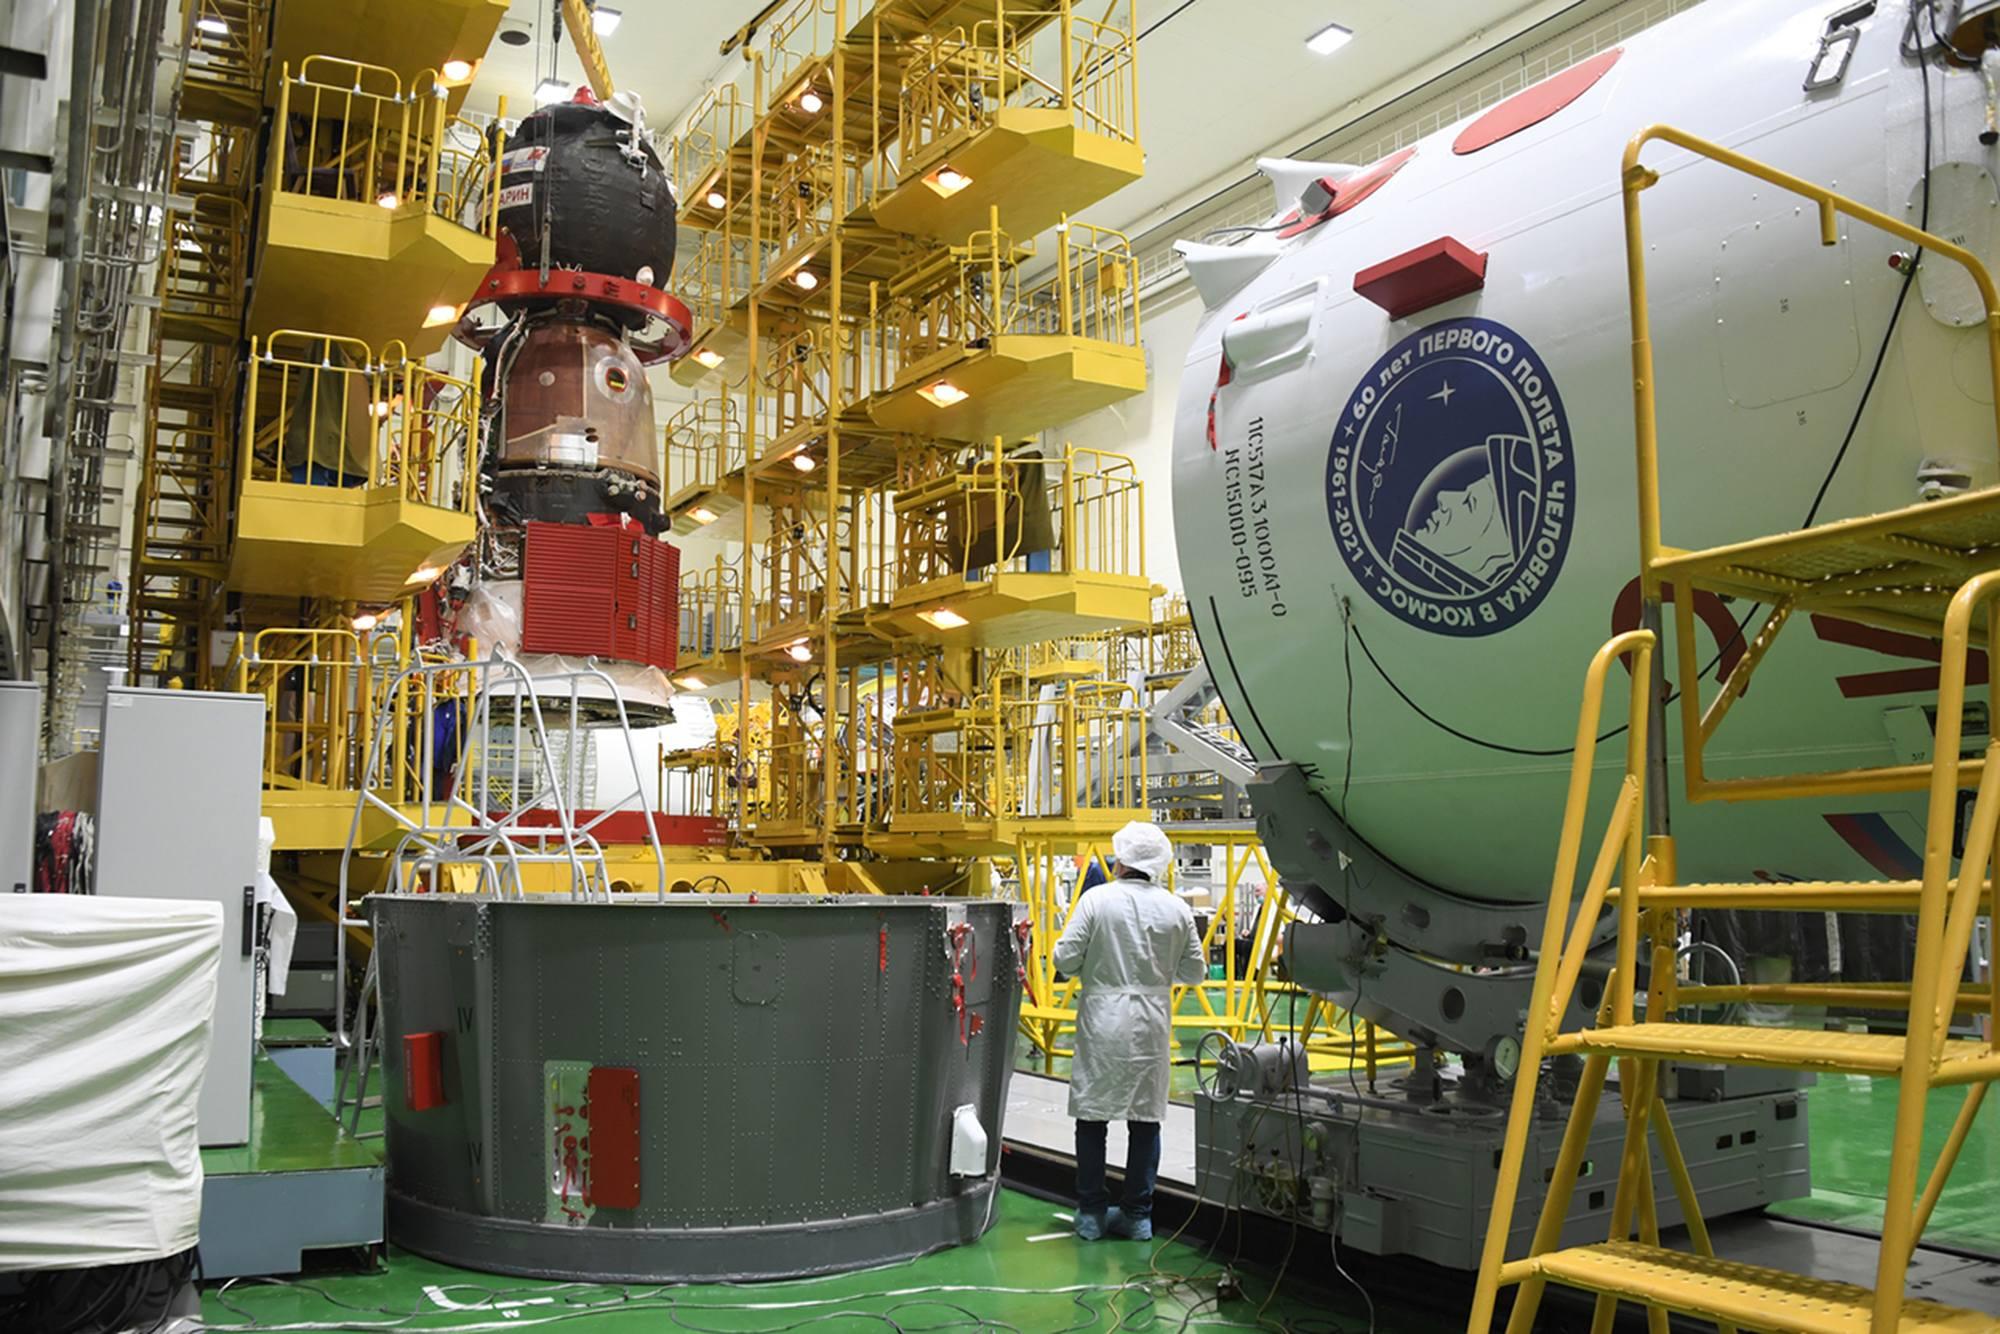 Une nouvelle fois le vaisseau Soyouz MS-18 va être déplacé de son stand de préparation, mais cette fois-ci il restera à l'horizontale car il sera déposé sur l'adaptateur.